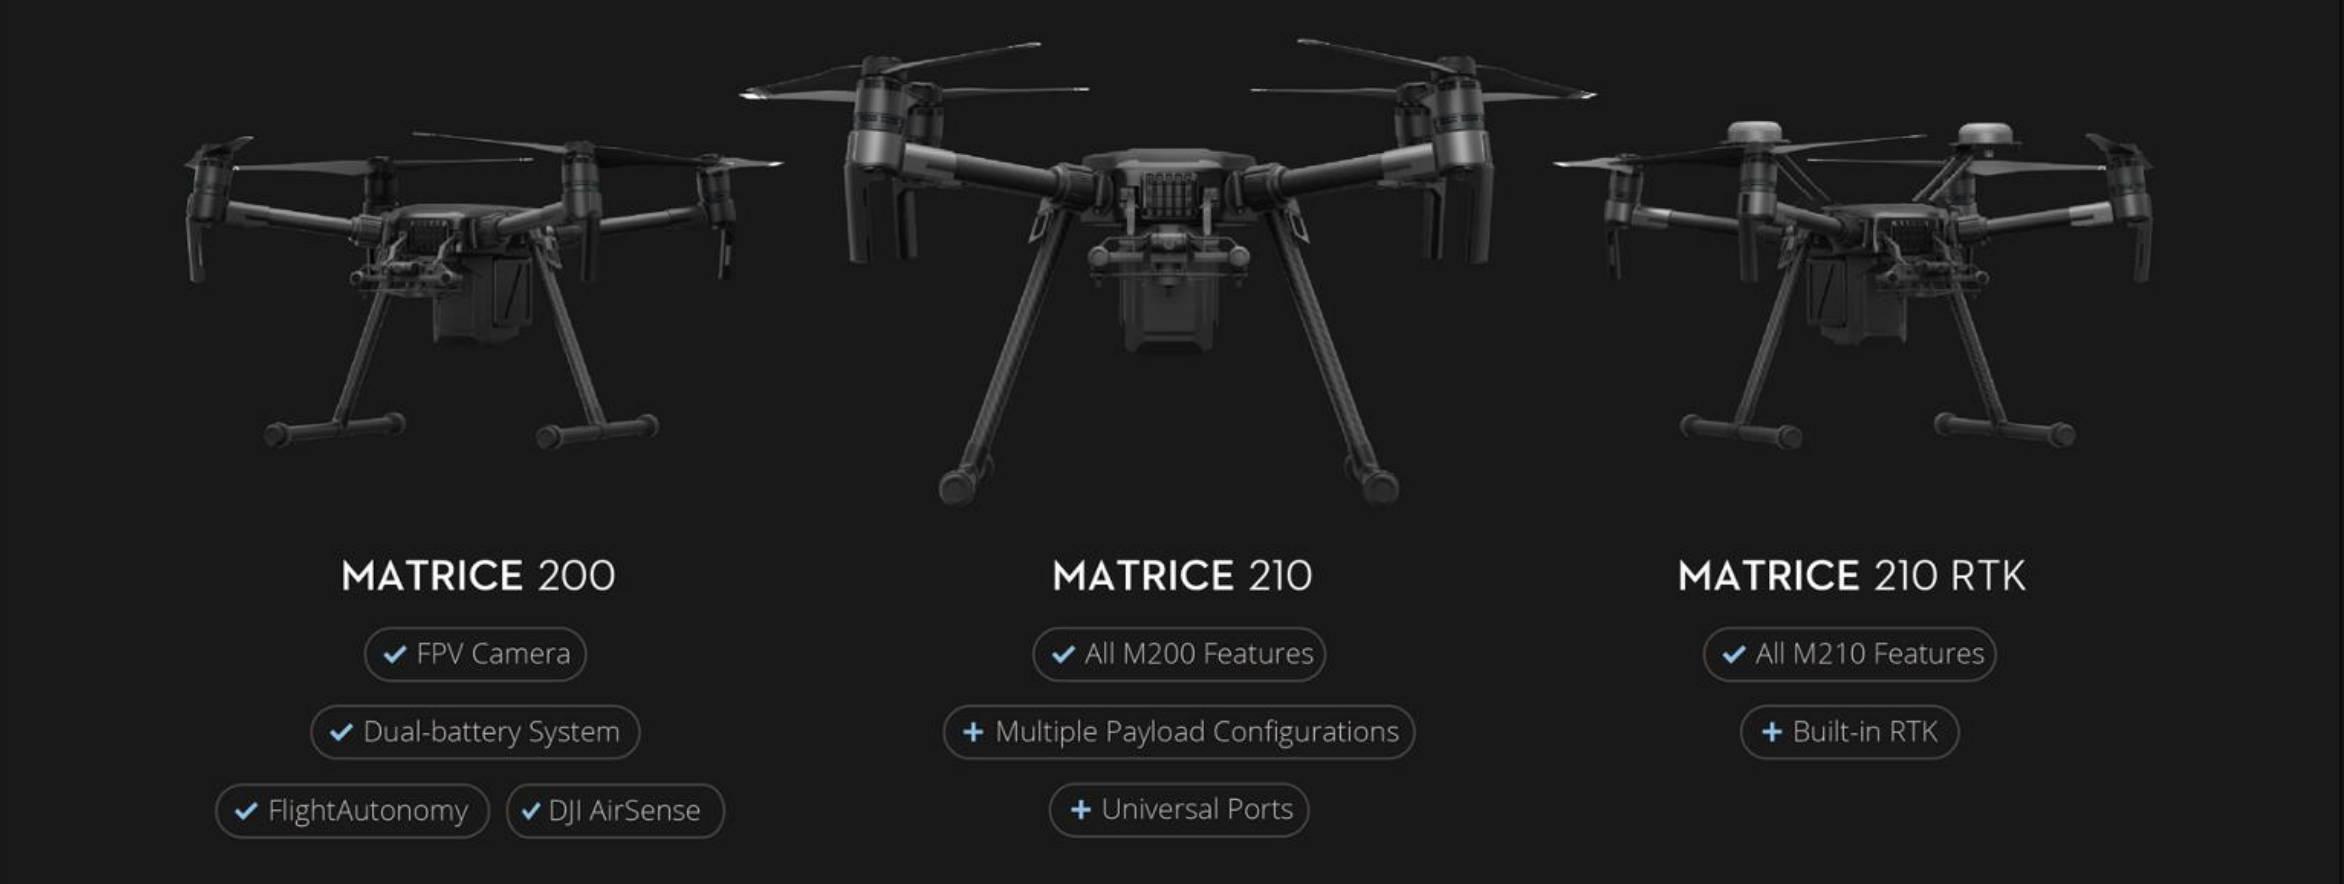 DJI Matrice 200 Series 4